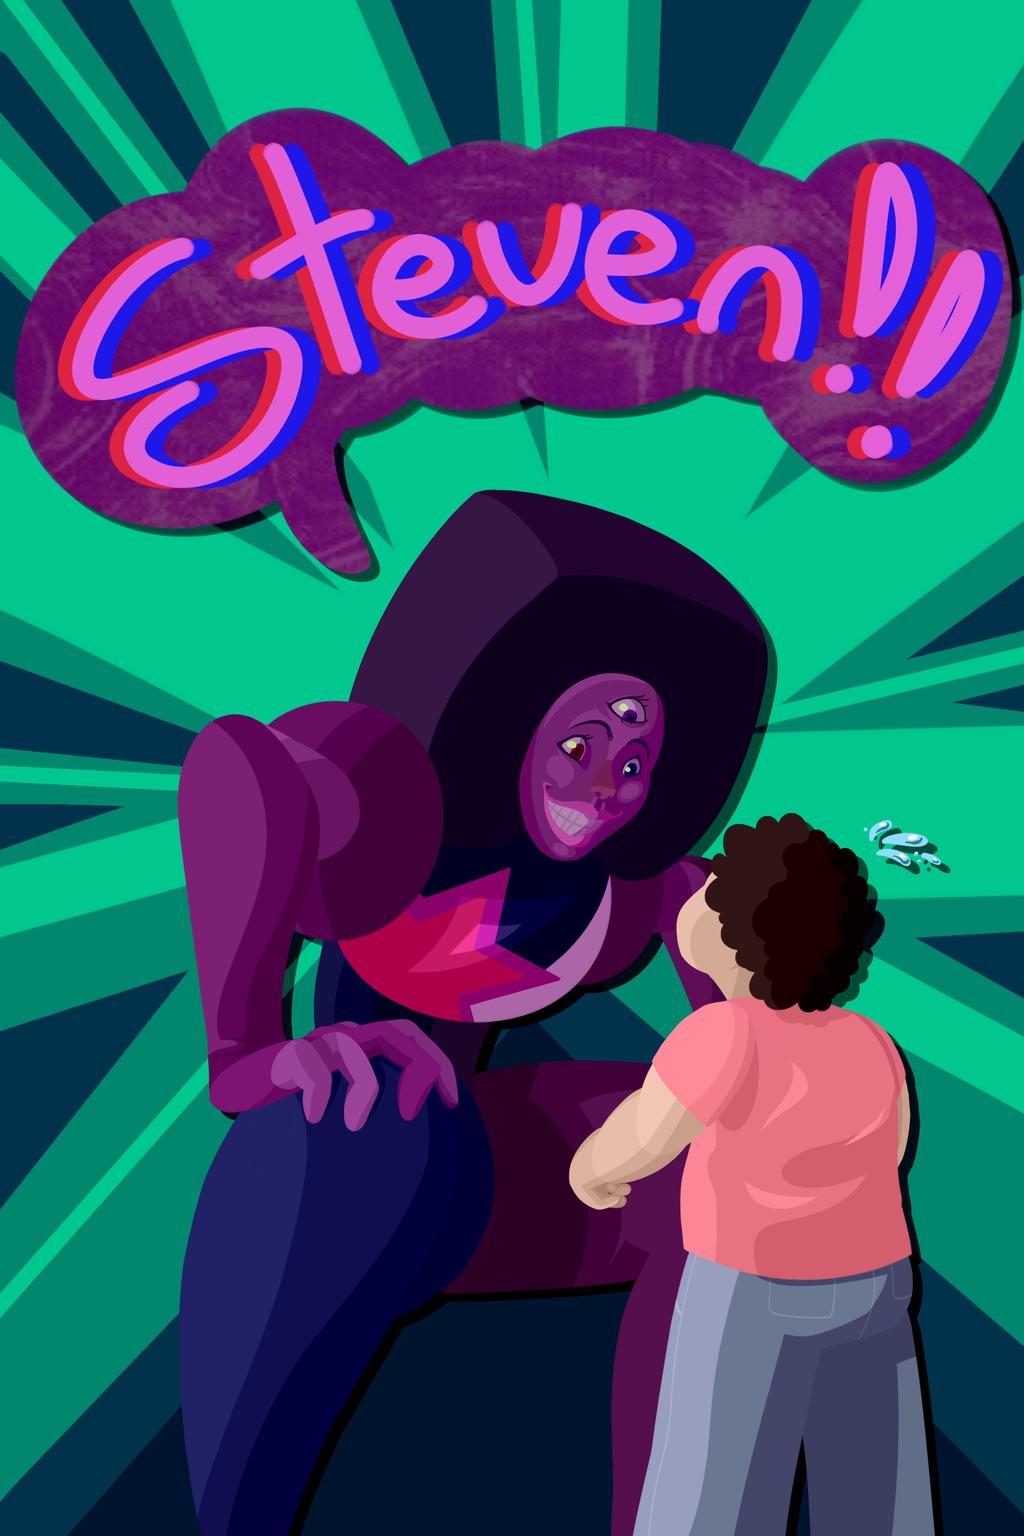 Steven!!